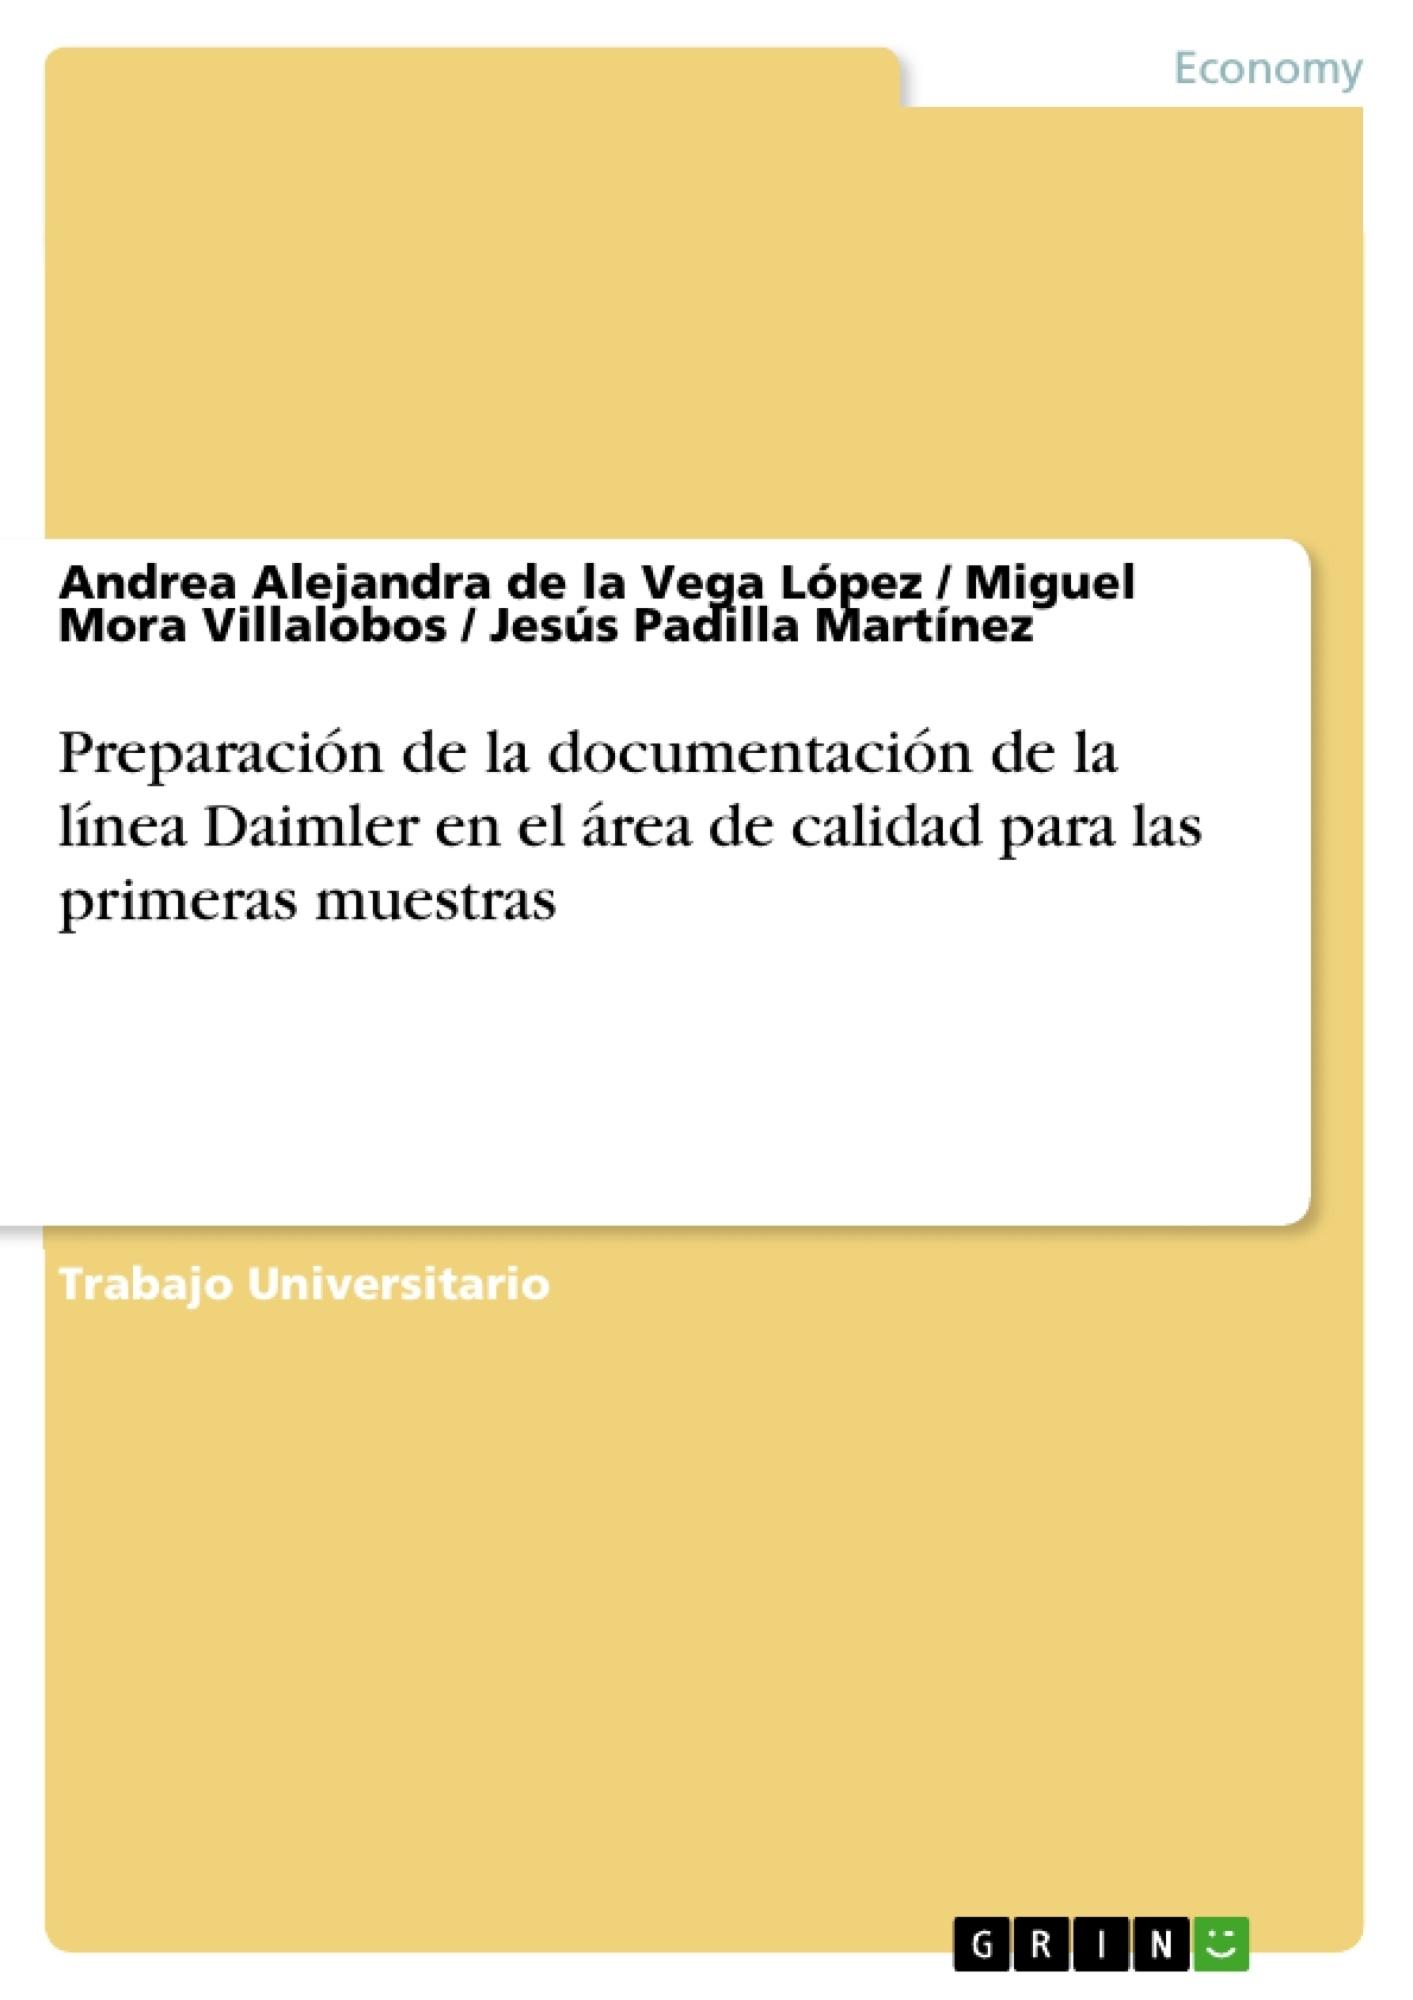 Título: Preparación de la documentación de la línea Daimler en el área de calidad para las primeras muestras